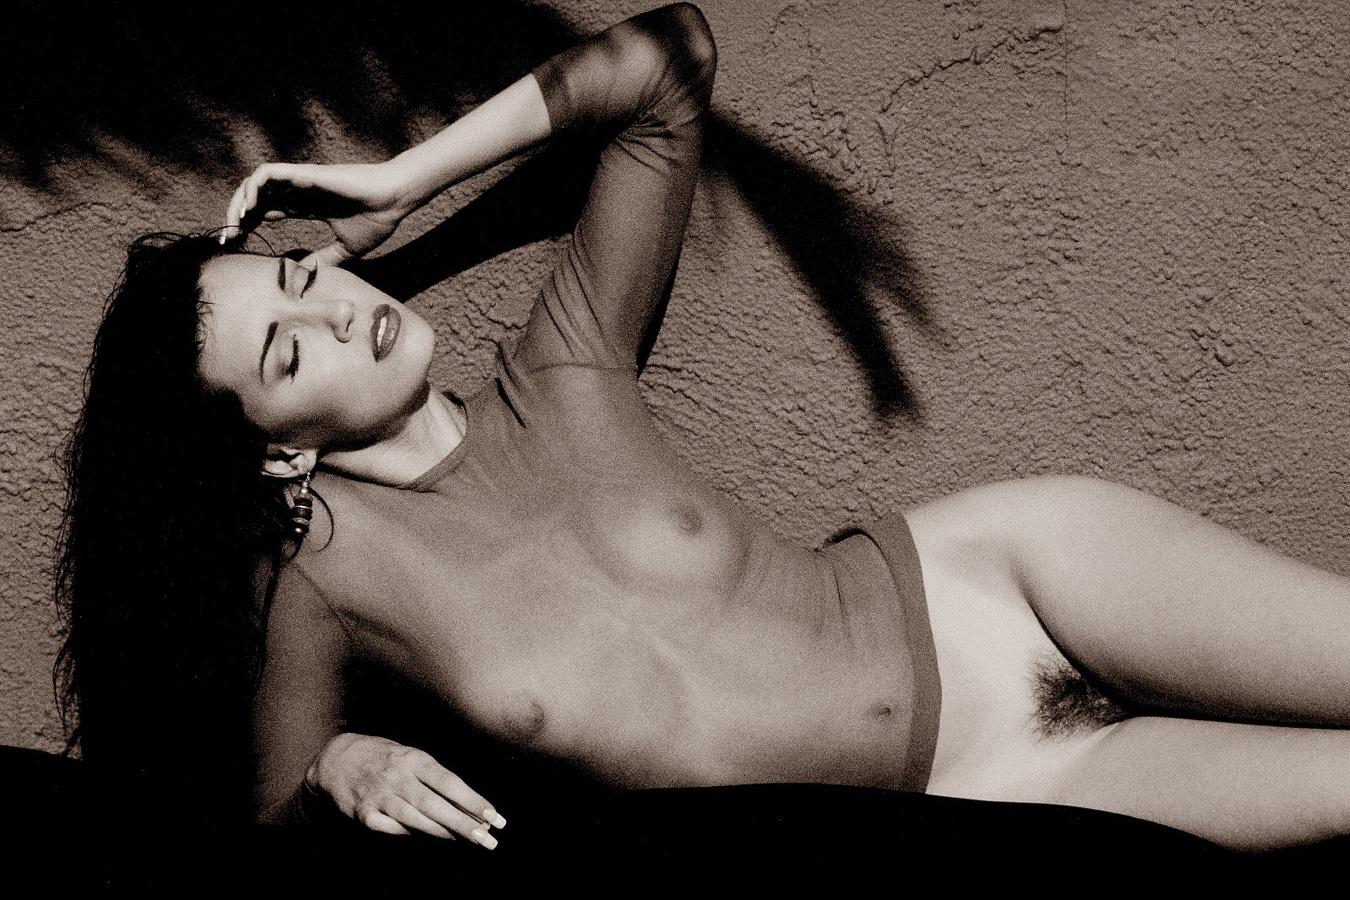 foto-i-video-znamenitostey-erotika